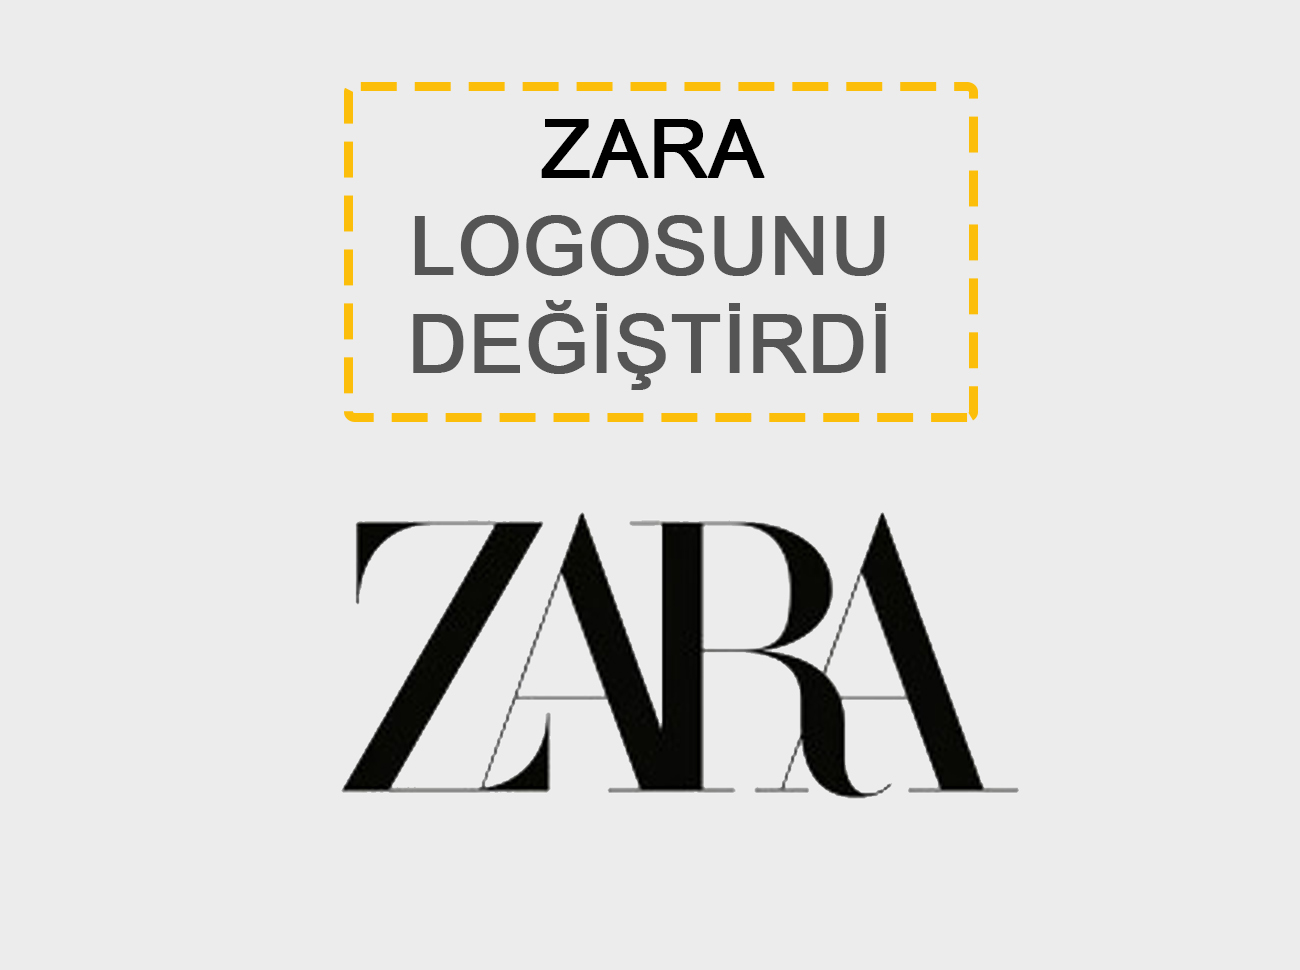 Zara Logosunu Değiştirdi